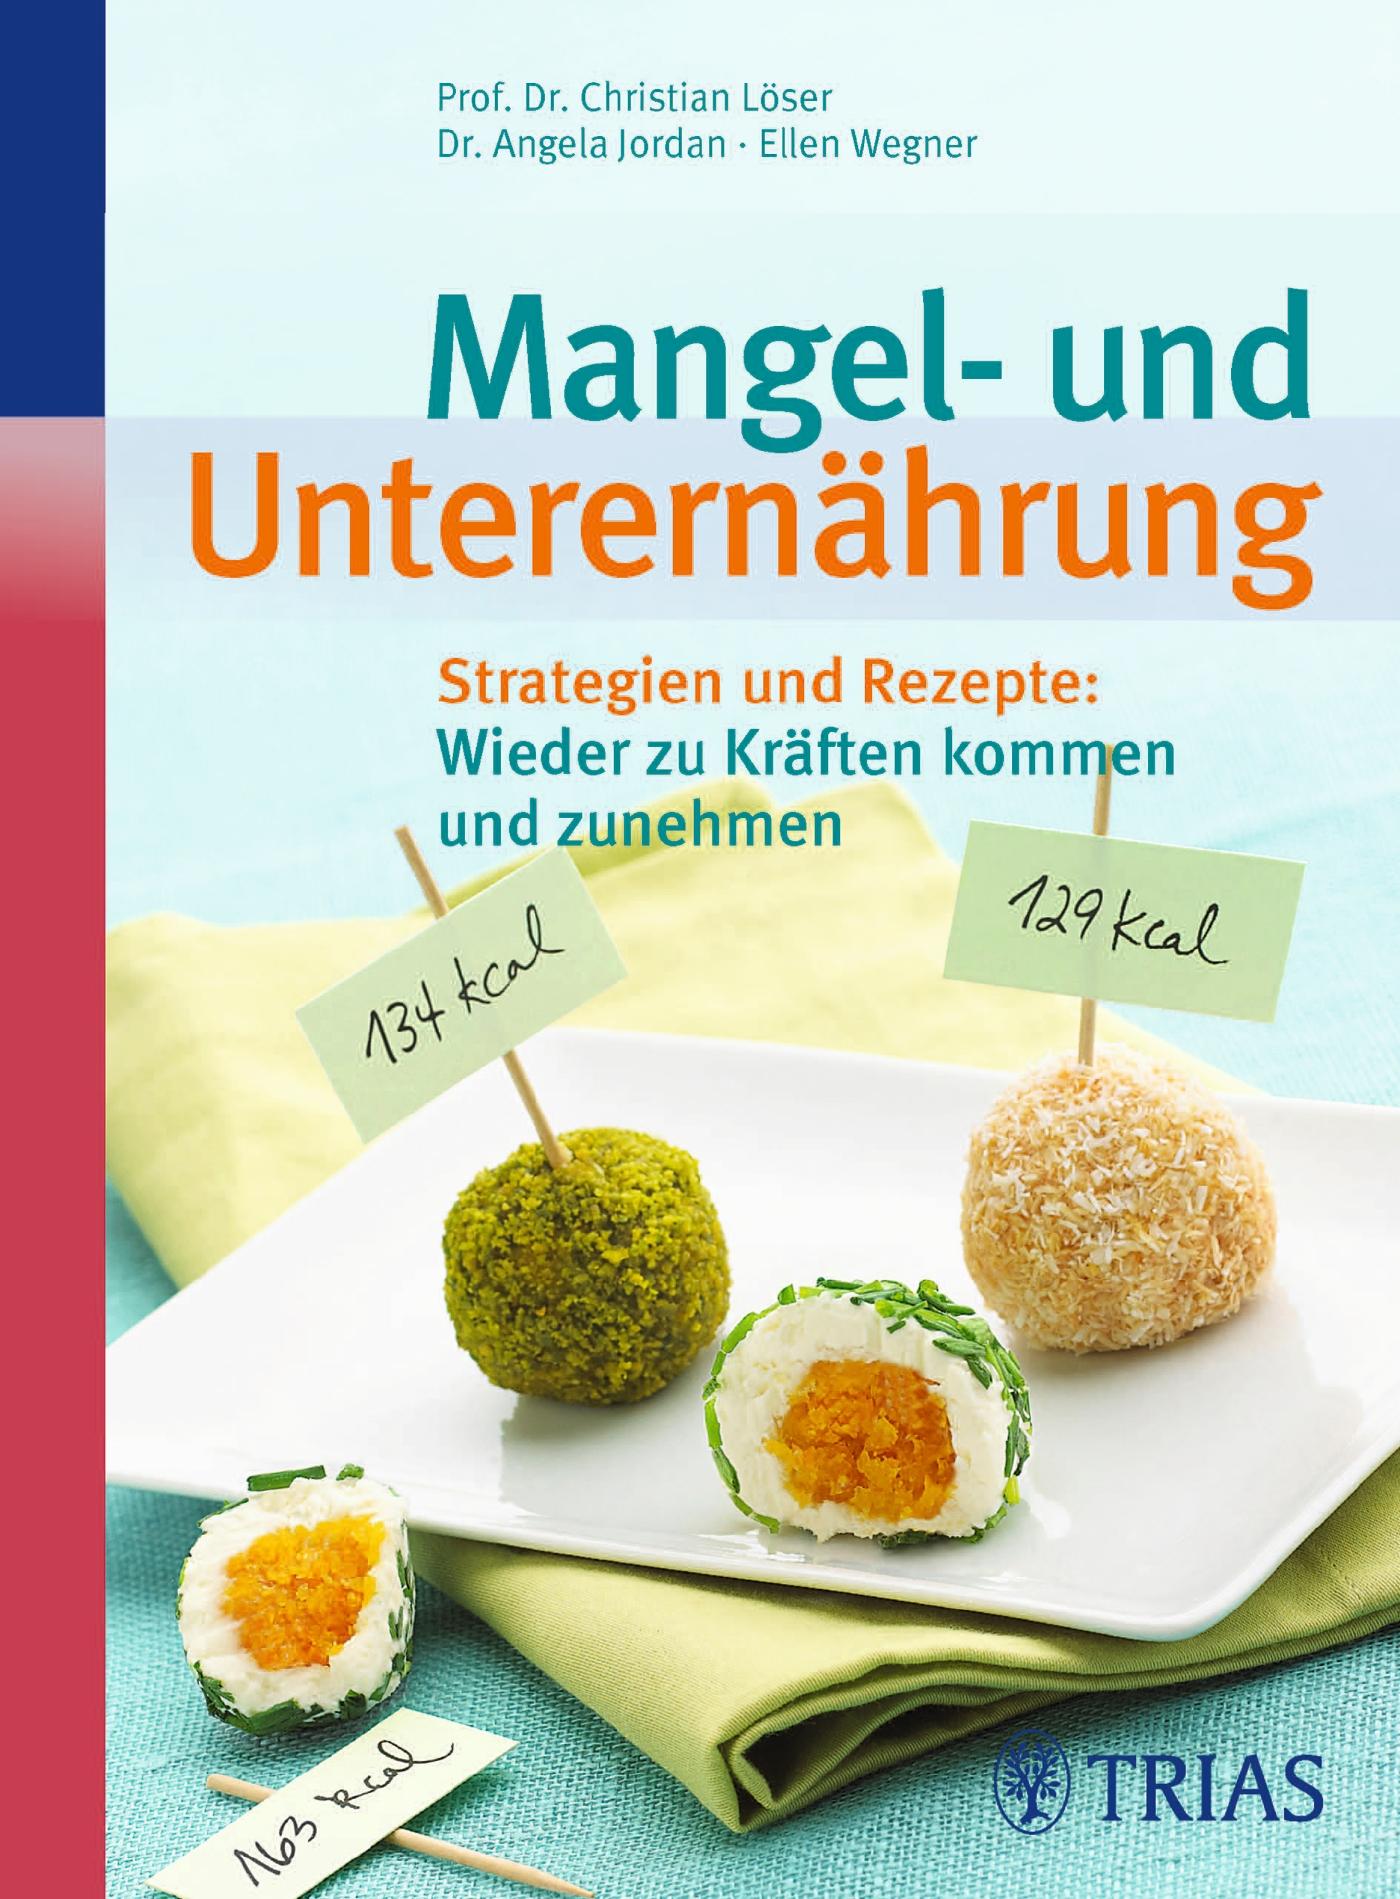 Mangel- und Unterernährung: Strategien und Rezepte: Wieder zu Kräften kommen und zunehmen - Christian Löser [Broschiert]